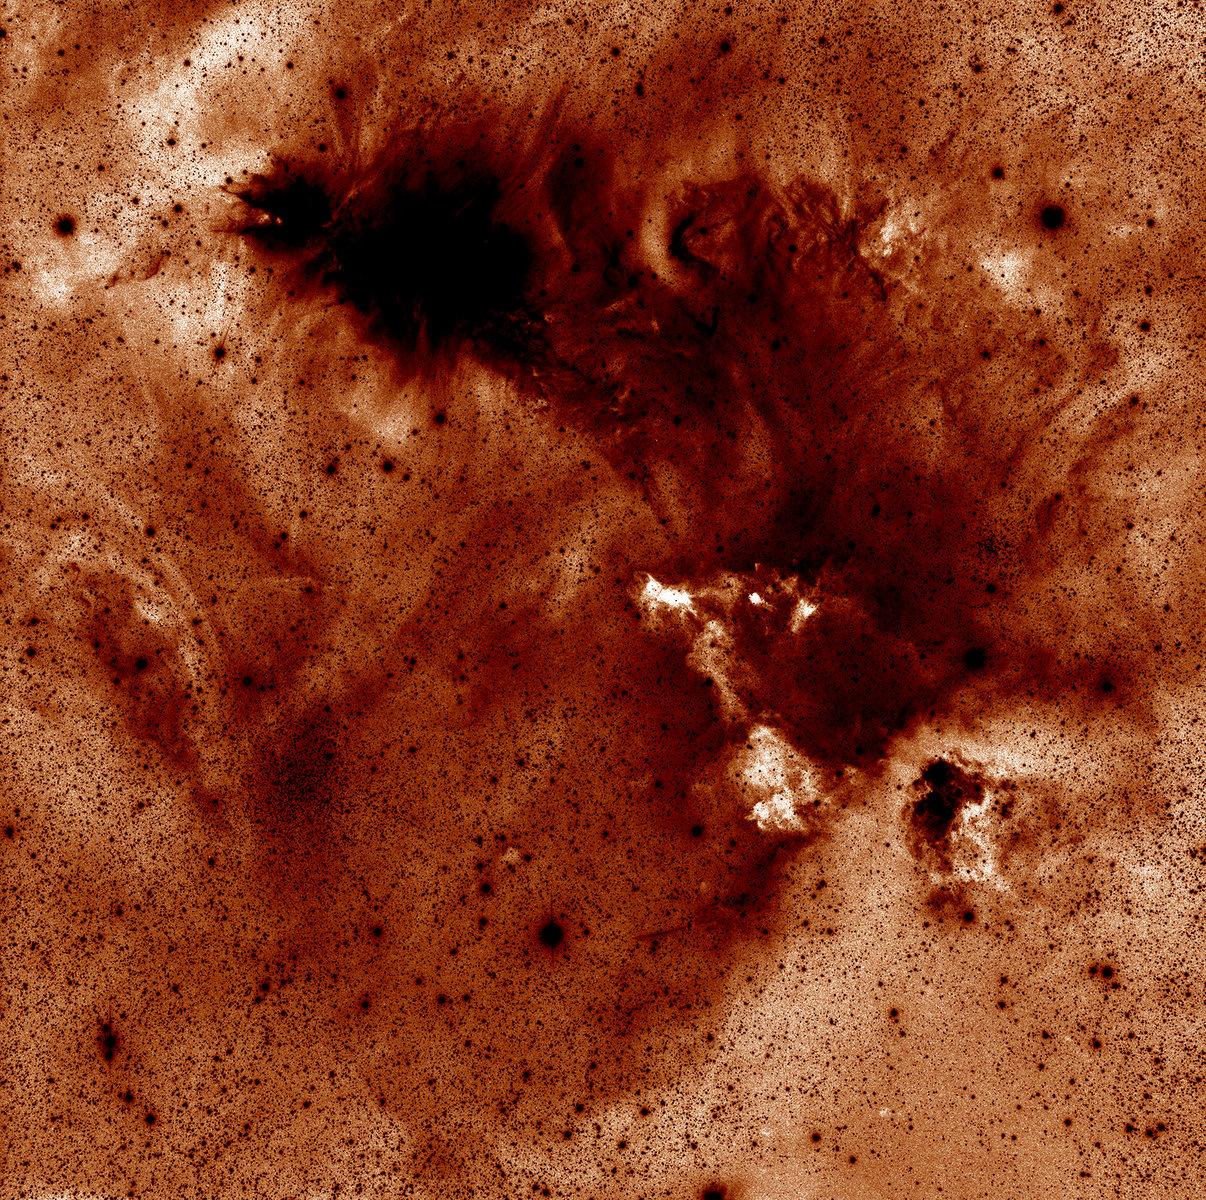 5a05bec29d6b6_NGC2264j1800.thumb.jpg.a96d60748db61c03bd7b5fe5e81a5d5f.jpg